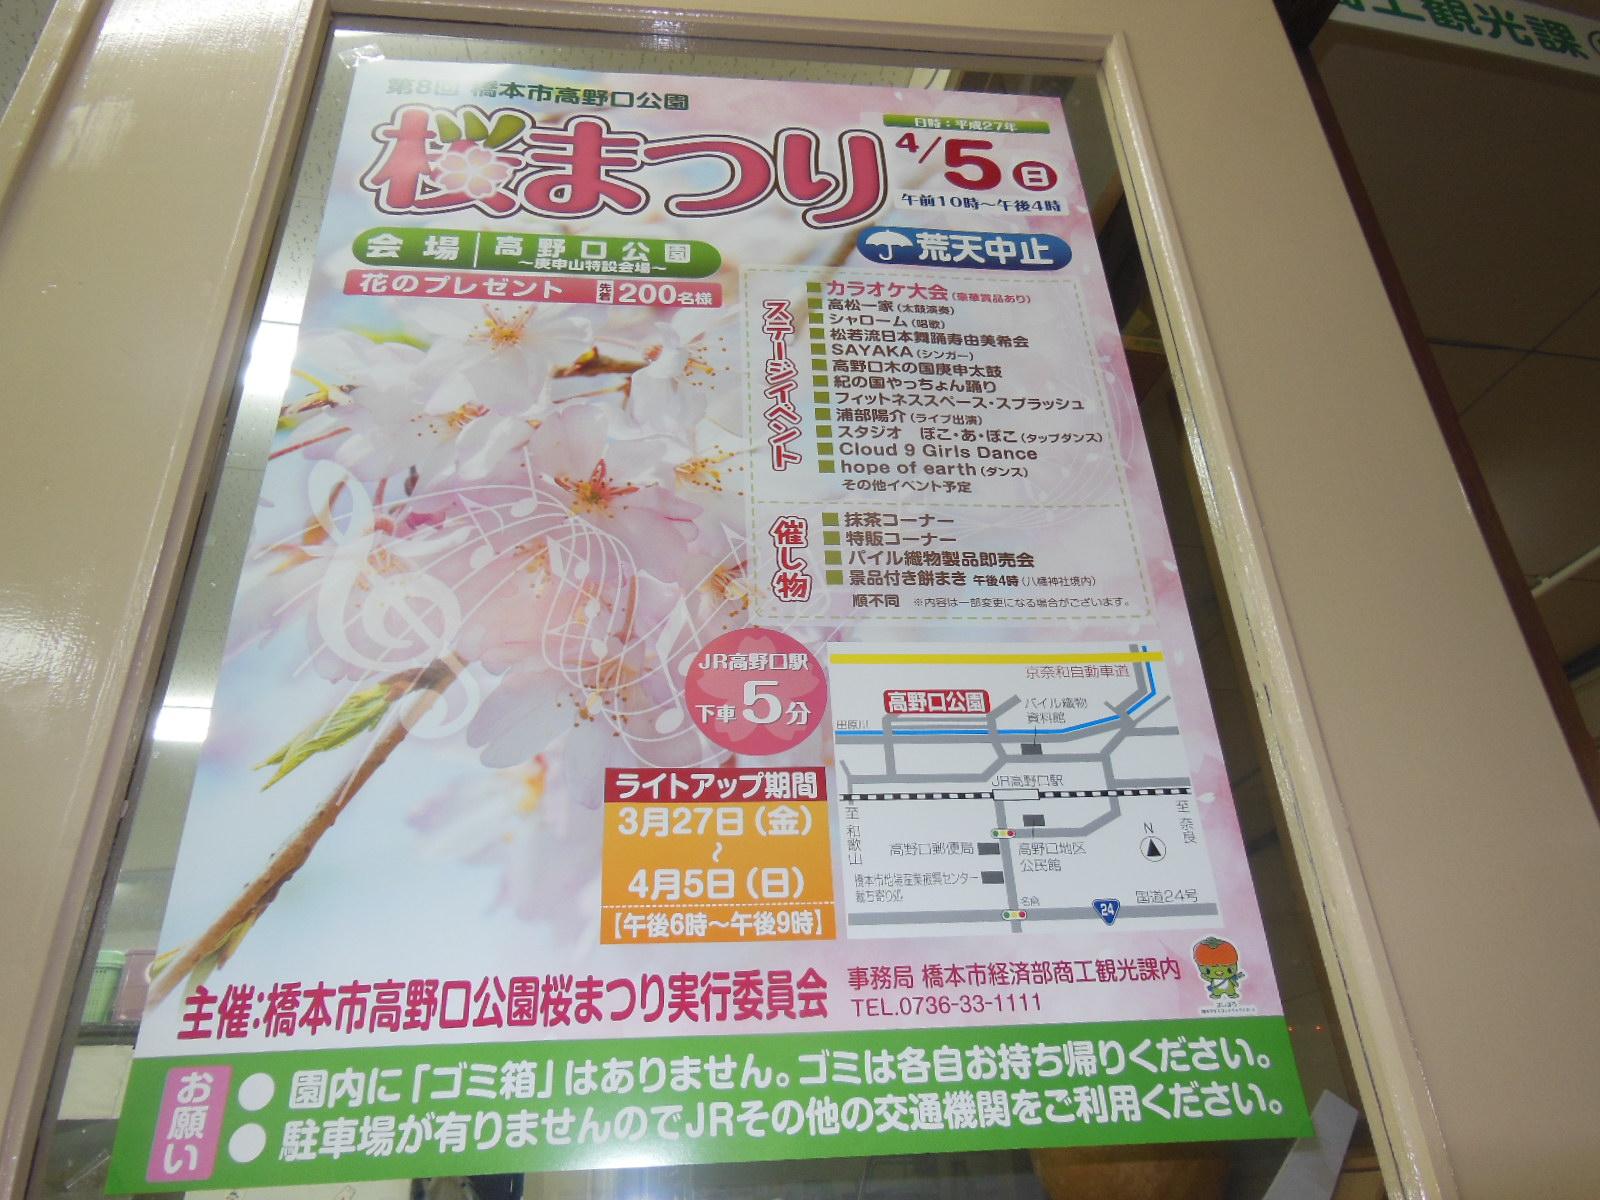 <おしらせ>第8回橋本市高野口公園「桜まつり」